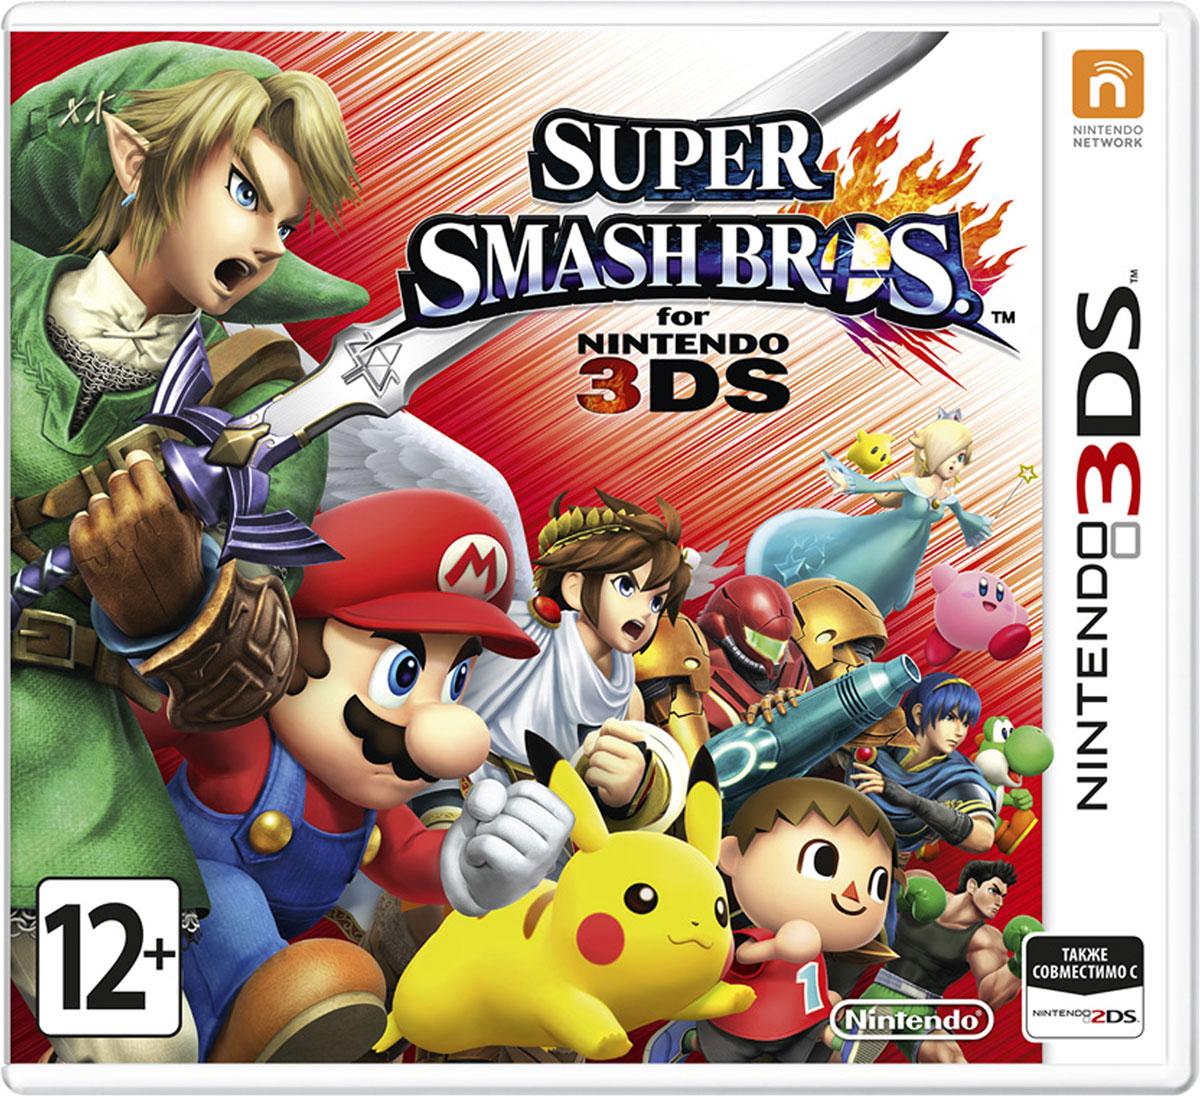 Super Smash Bros (Nintendo 3DS) game deals nintendo super smash bros for nintendo 3ds